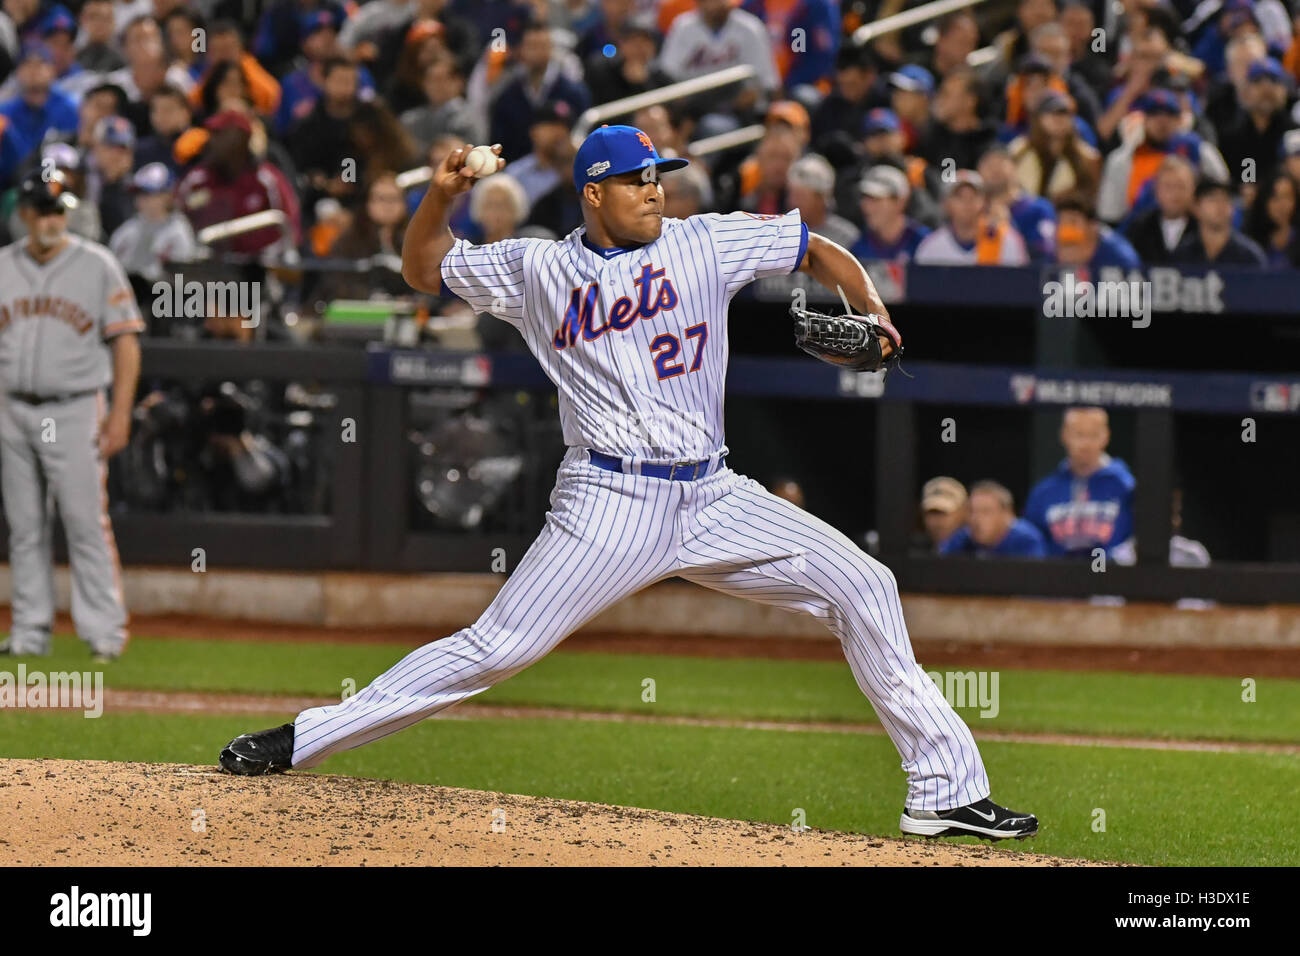 En Flushing, Nueva York, Estados Unidos. 5 Oct, 2016. Jeurys Familia (Sm) MLB : Jeurys Familia de los Mets de Nueva Imagen De Stock